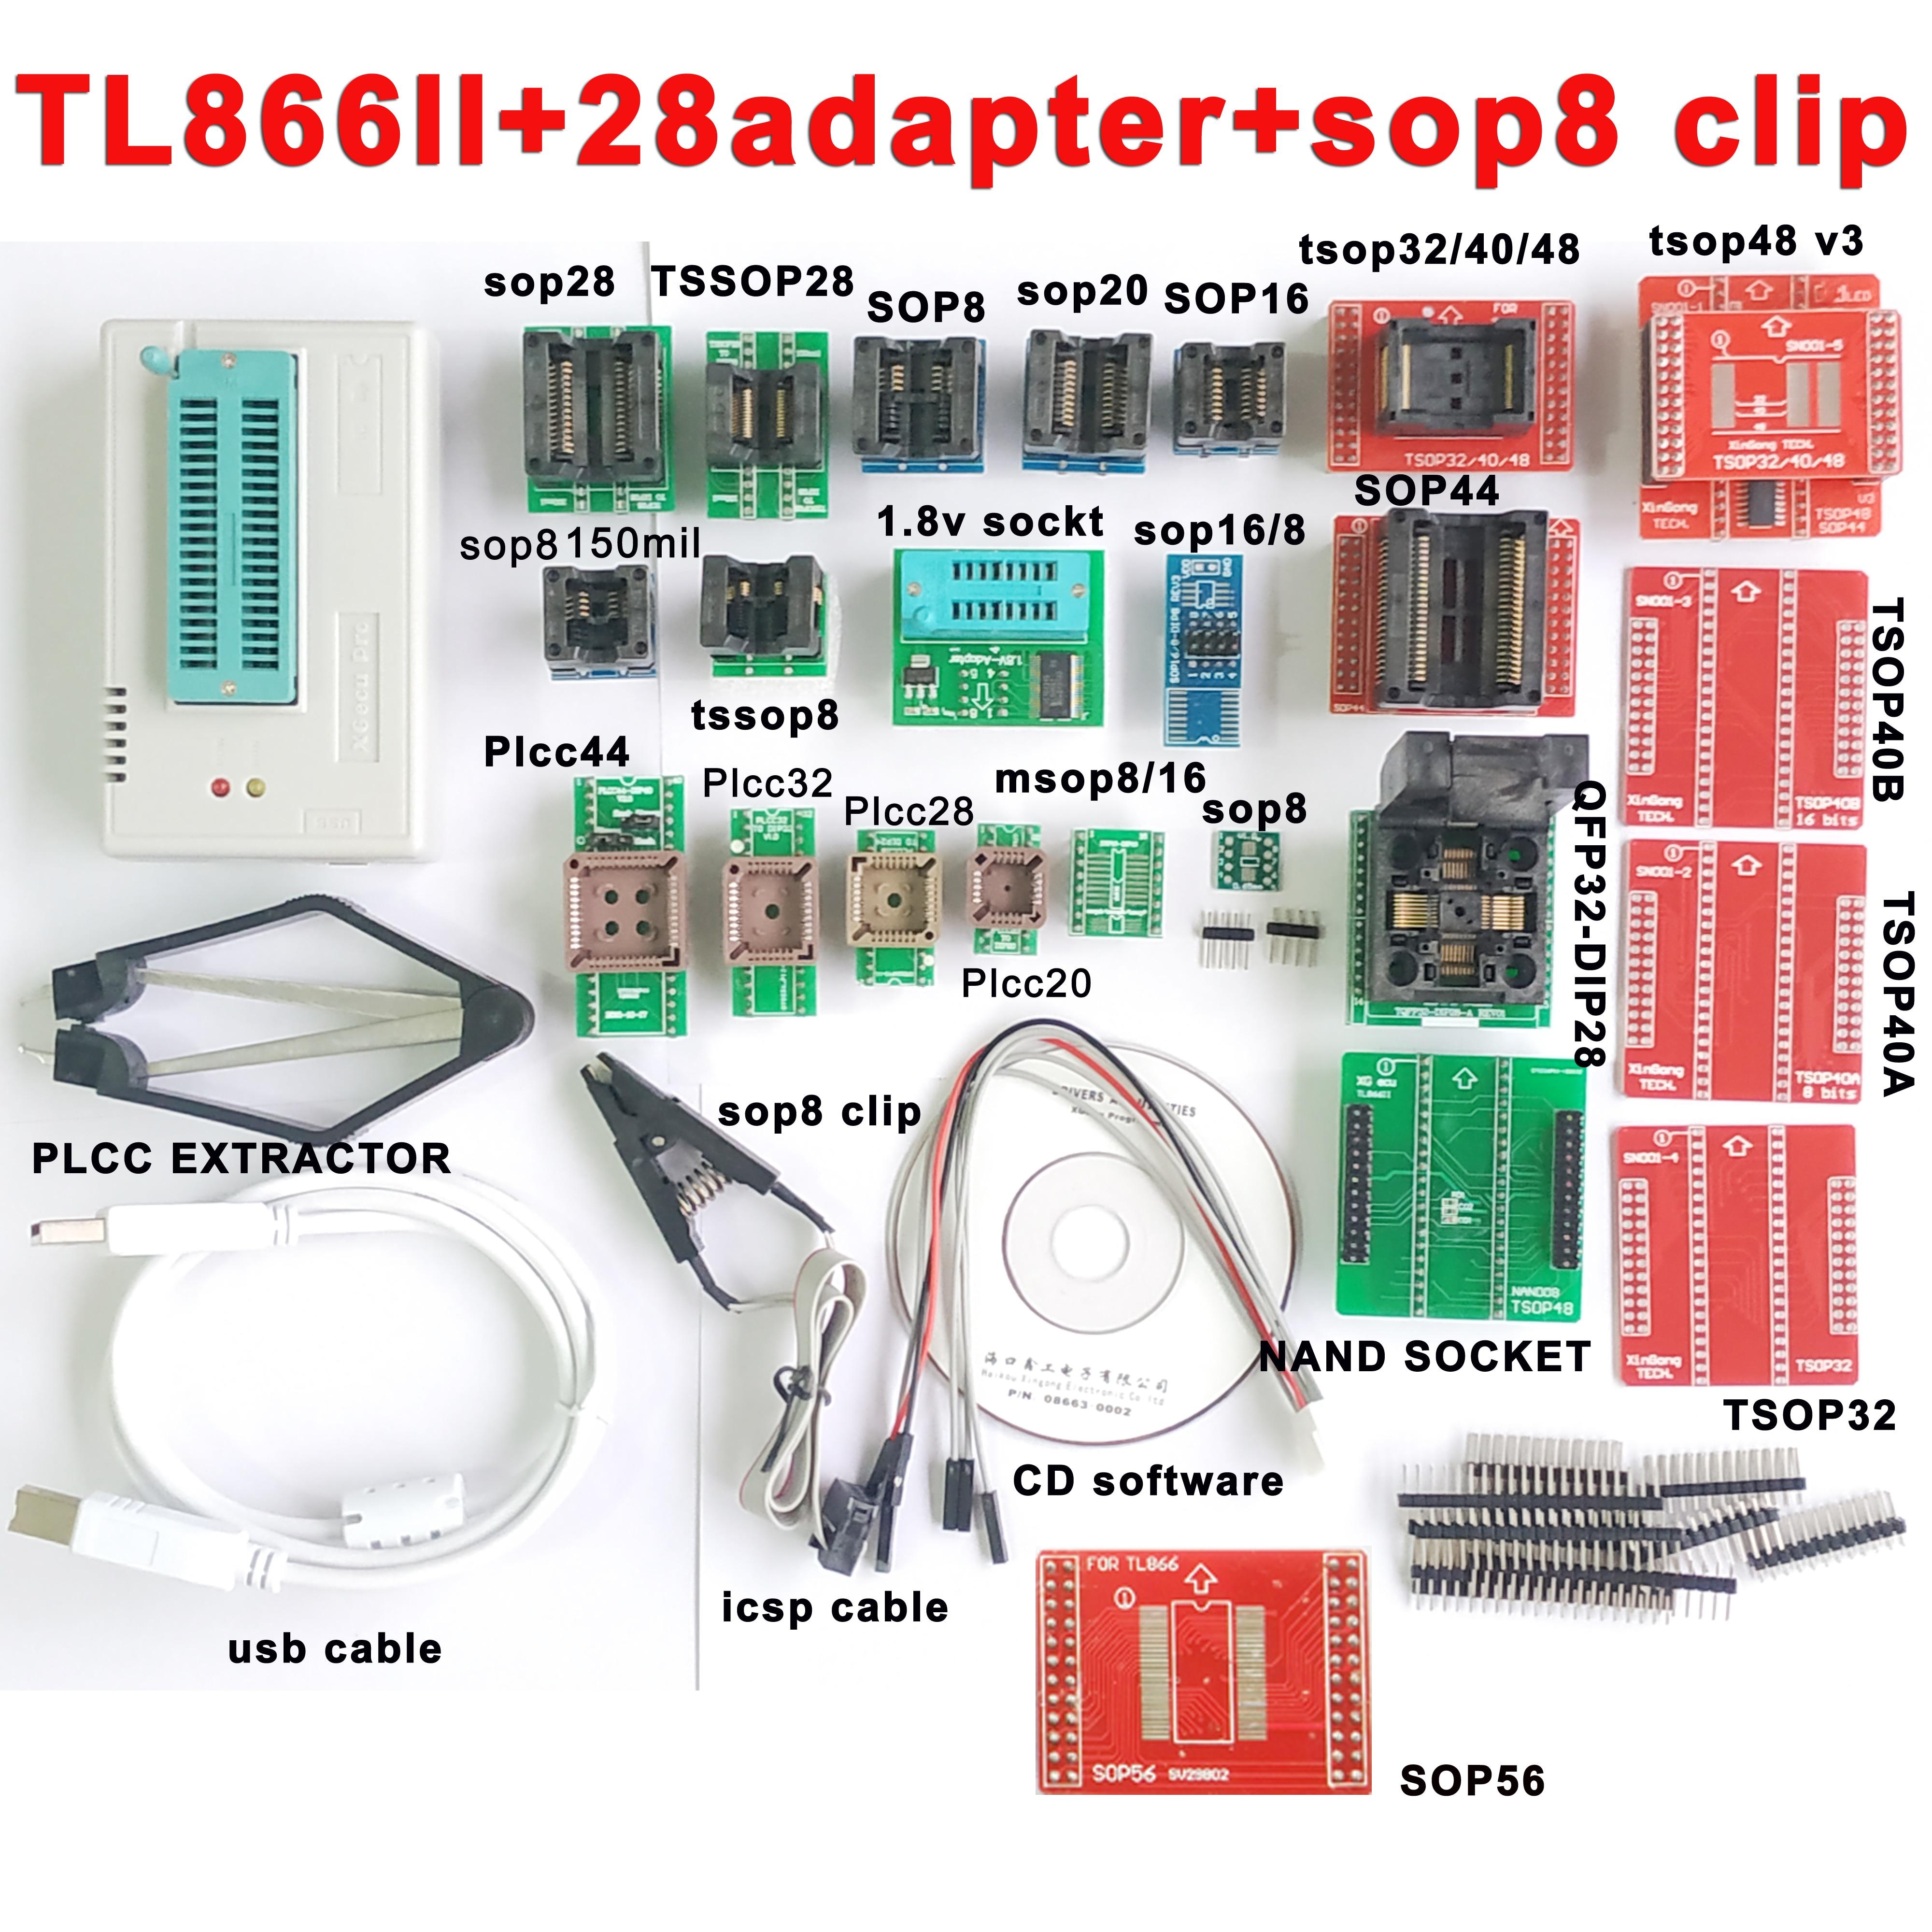 TL866II Plus Minipro Programmer 28 Adapter Socket SOP8 Clip TL866 Nand Flash 24 93 25 Mcu Bios EPROM AVR IC Chip Programmer